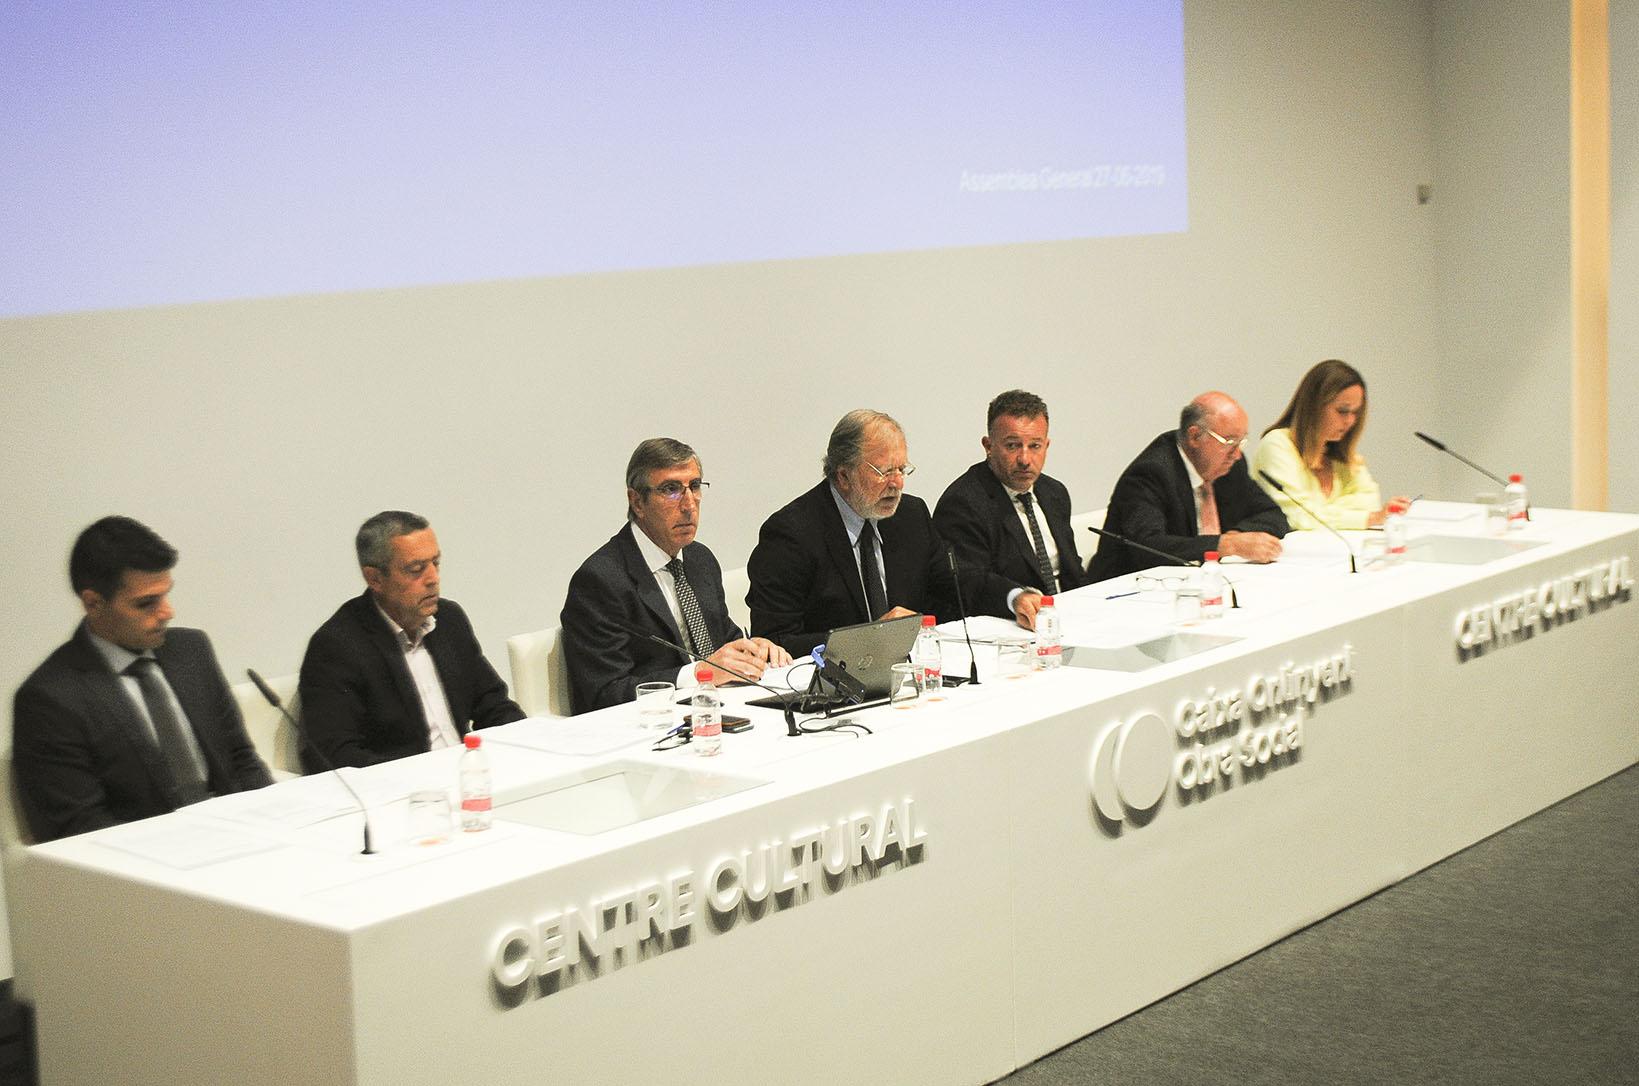 Caixa Ontinyent destinarà 1,9 M d'€ a educació financera i al Mont de Pietat El Periòdic d'Ontinyent